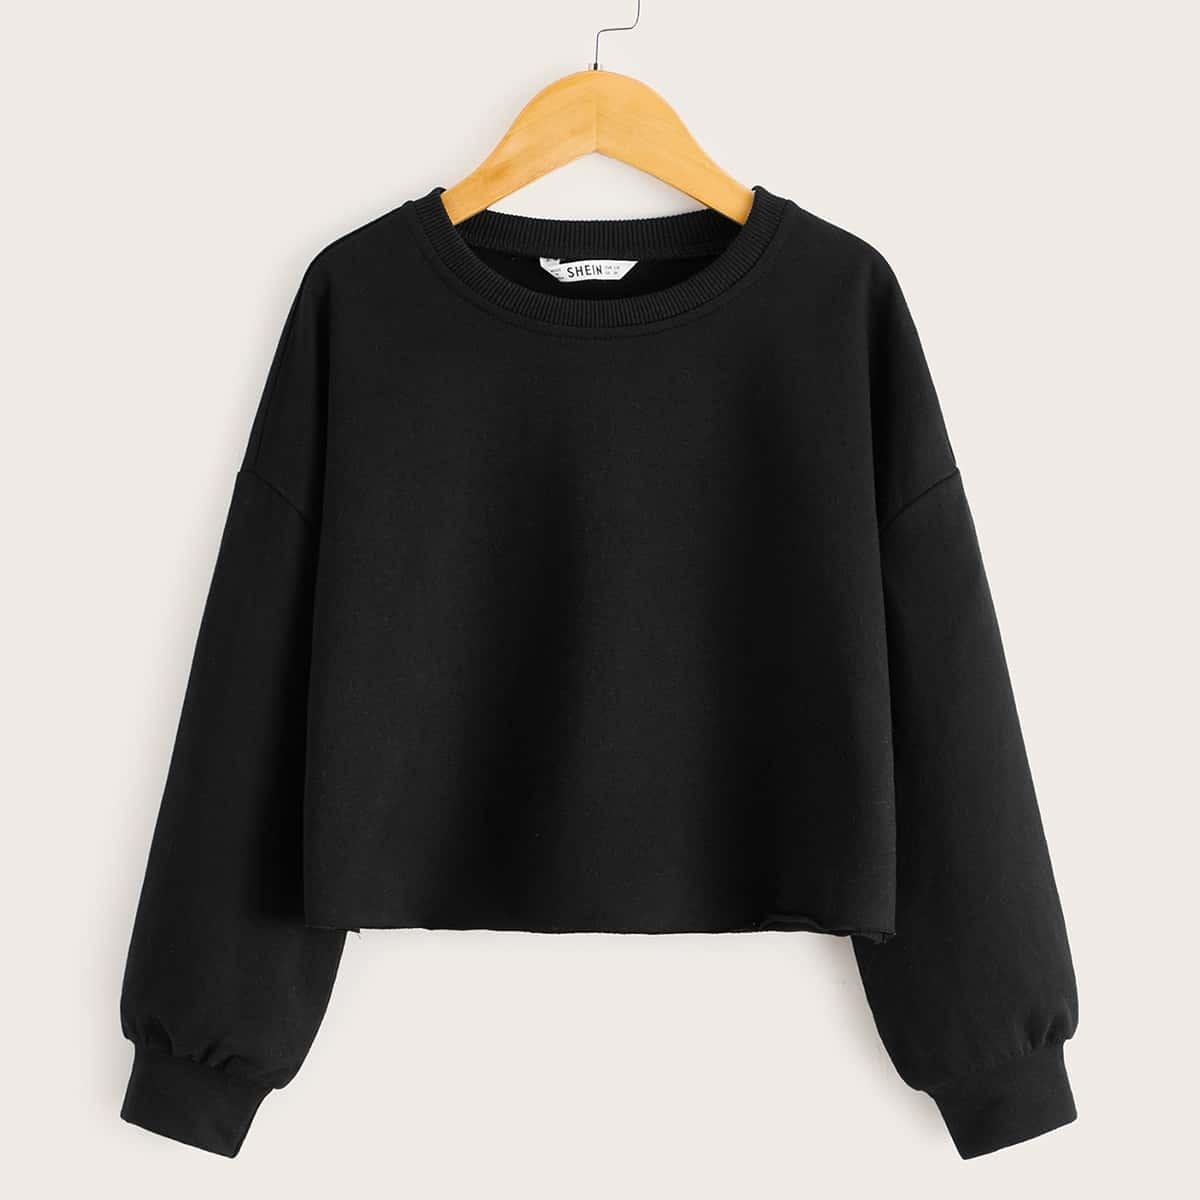 Однотонный пуловер для девочек от SHEIN